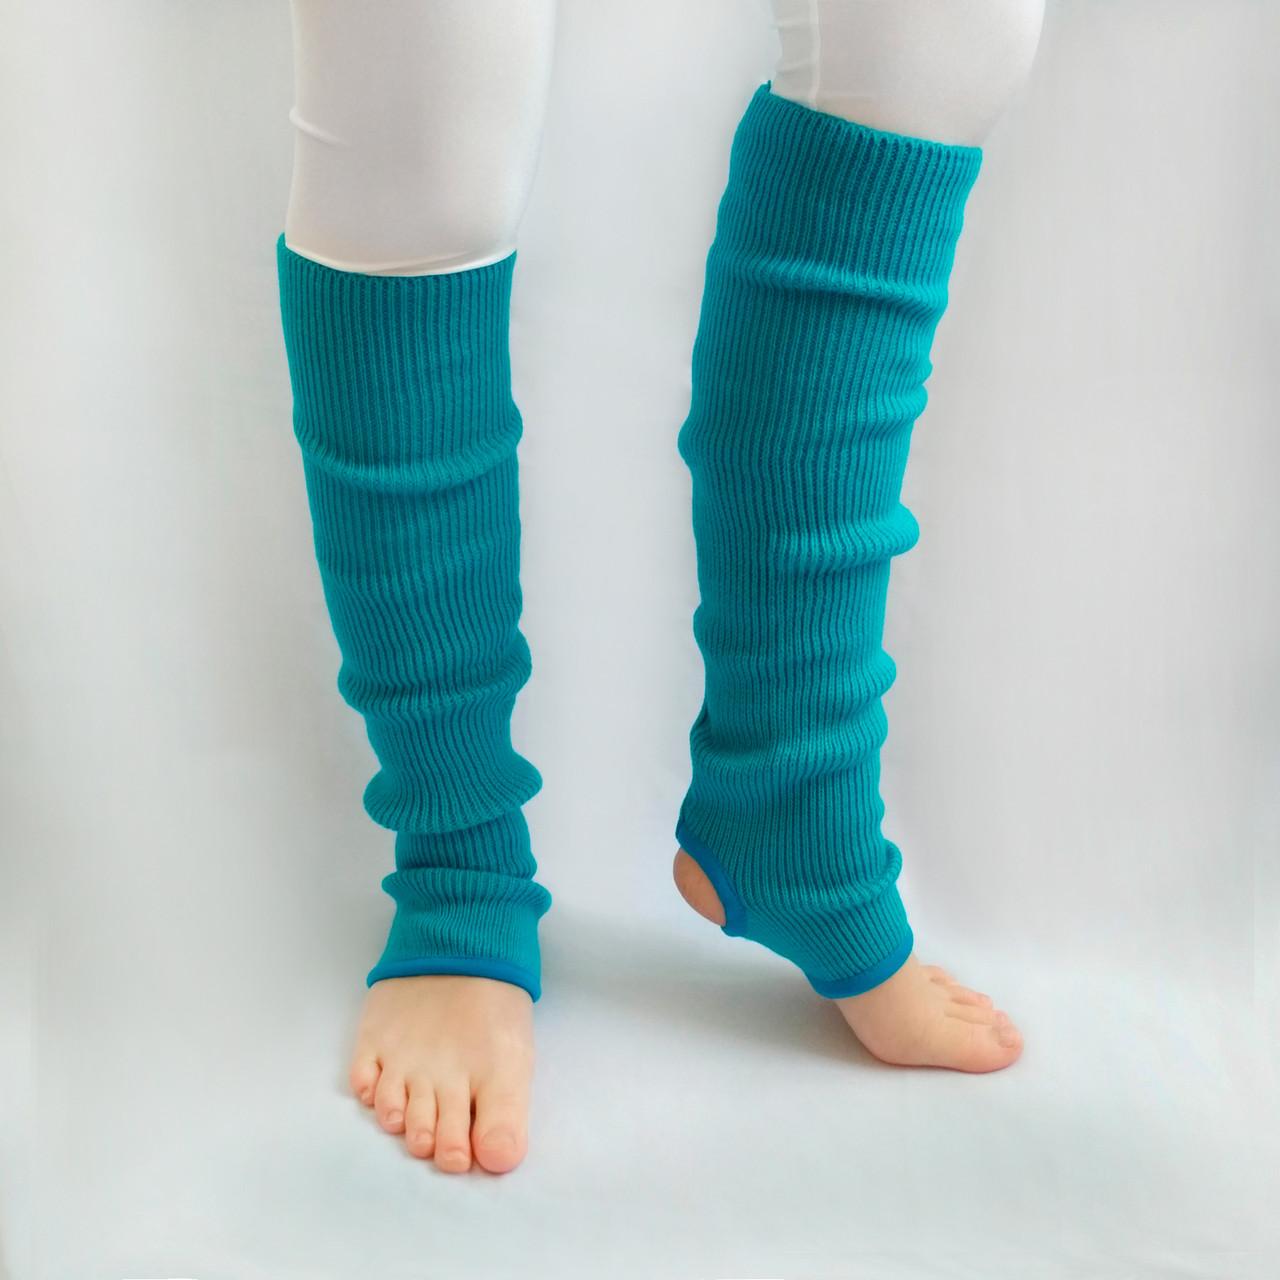 Вязаные детские гетры для гимнастики и хореографии 35 см Голубой